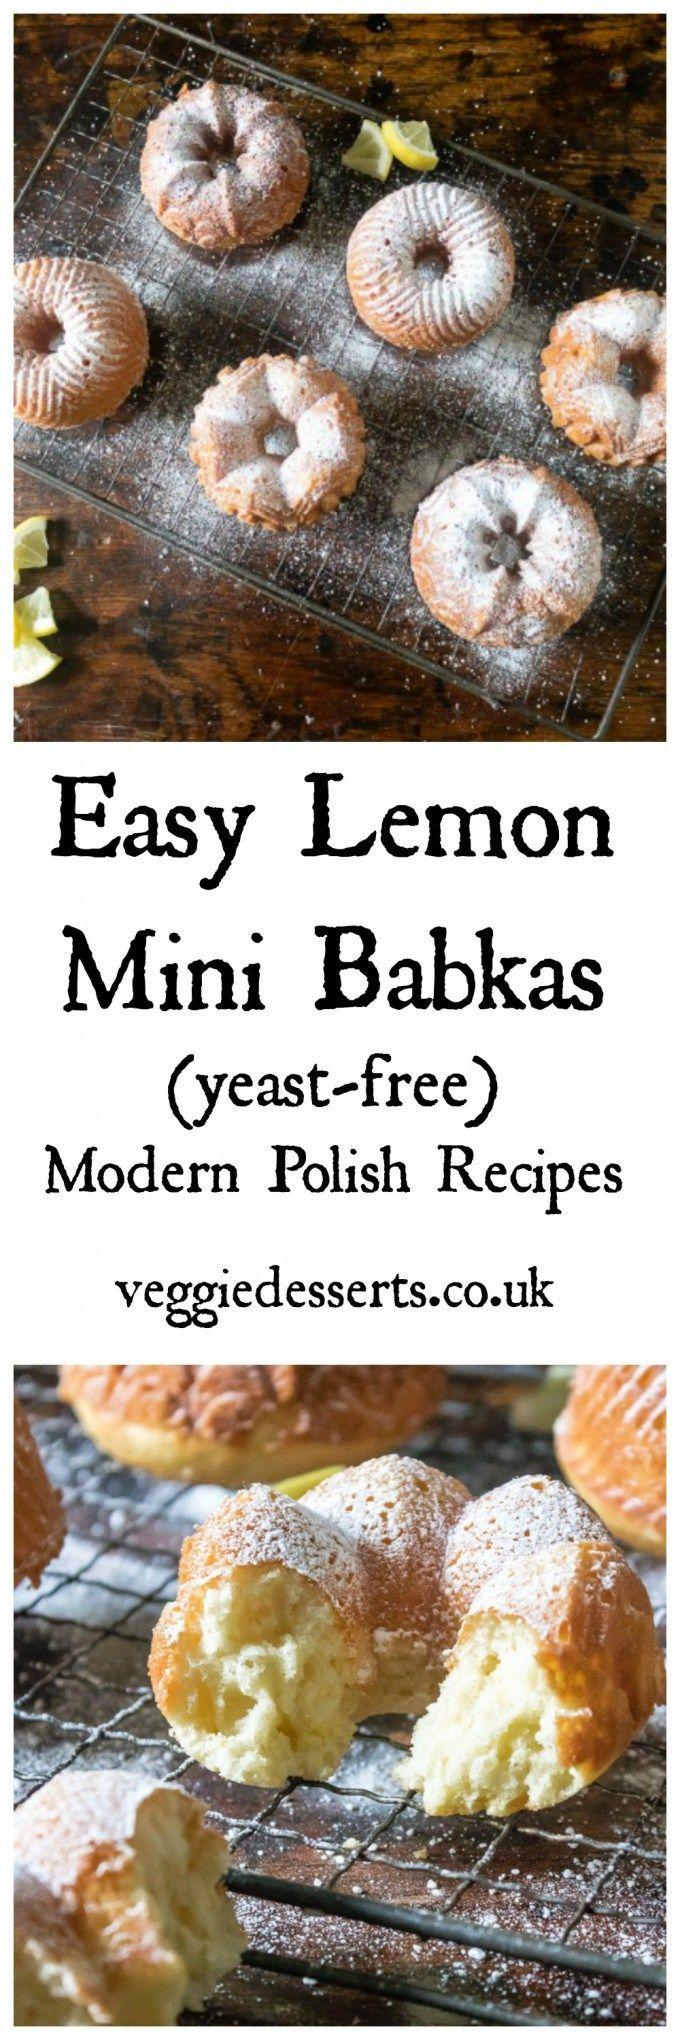 Easy Lemon Mini Babkas from Wild Honey and Rye Cookbook   Veggie Desserts Blog